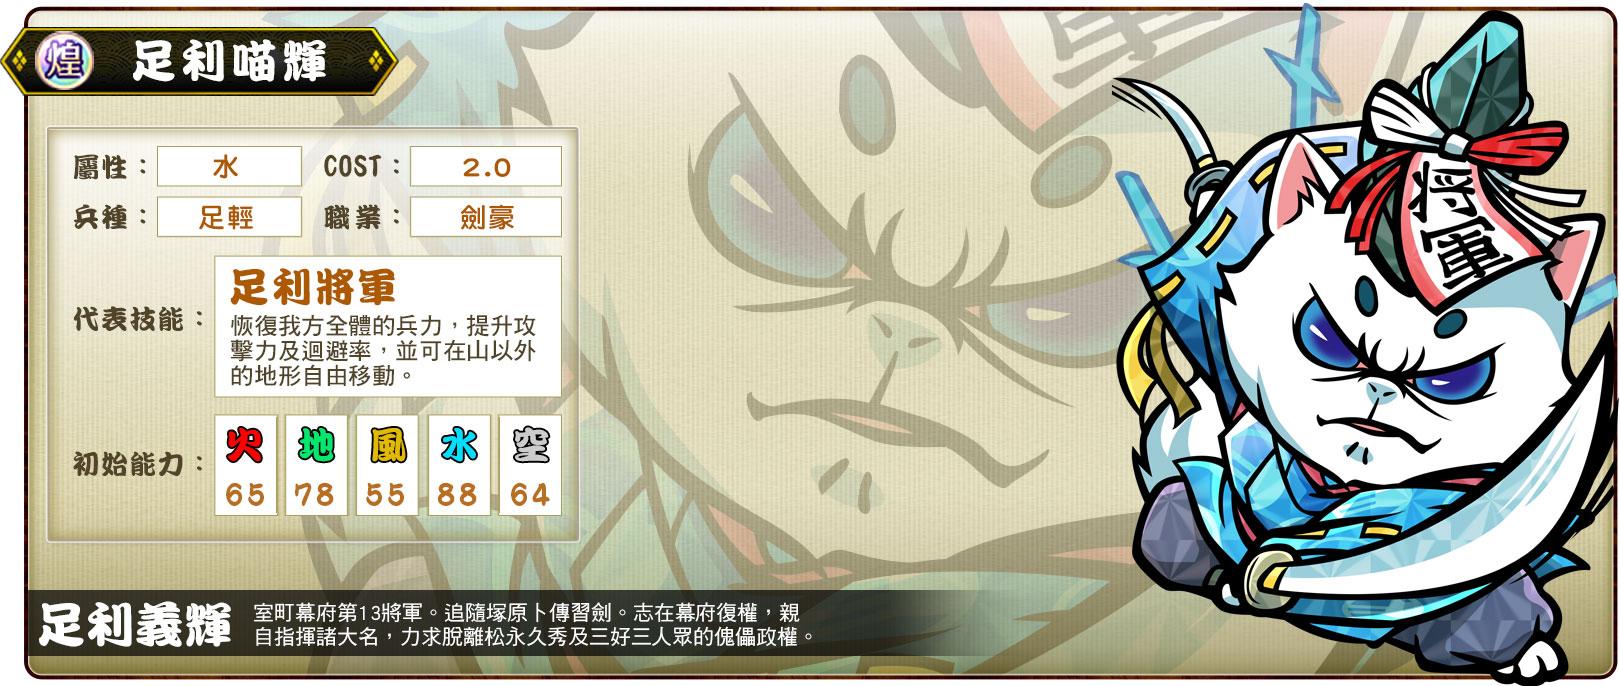 ▲煌卡「足利喵輝」代表技能「足利將軍」